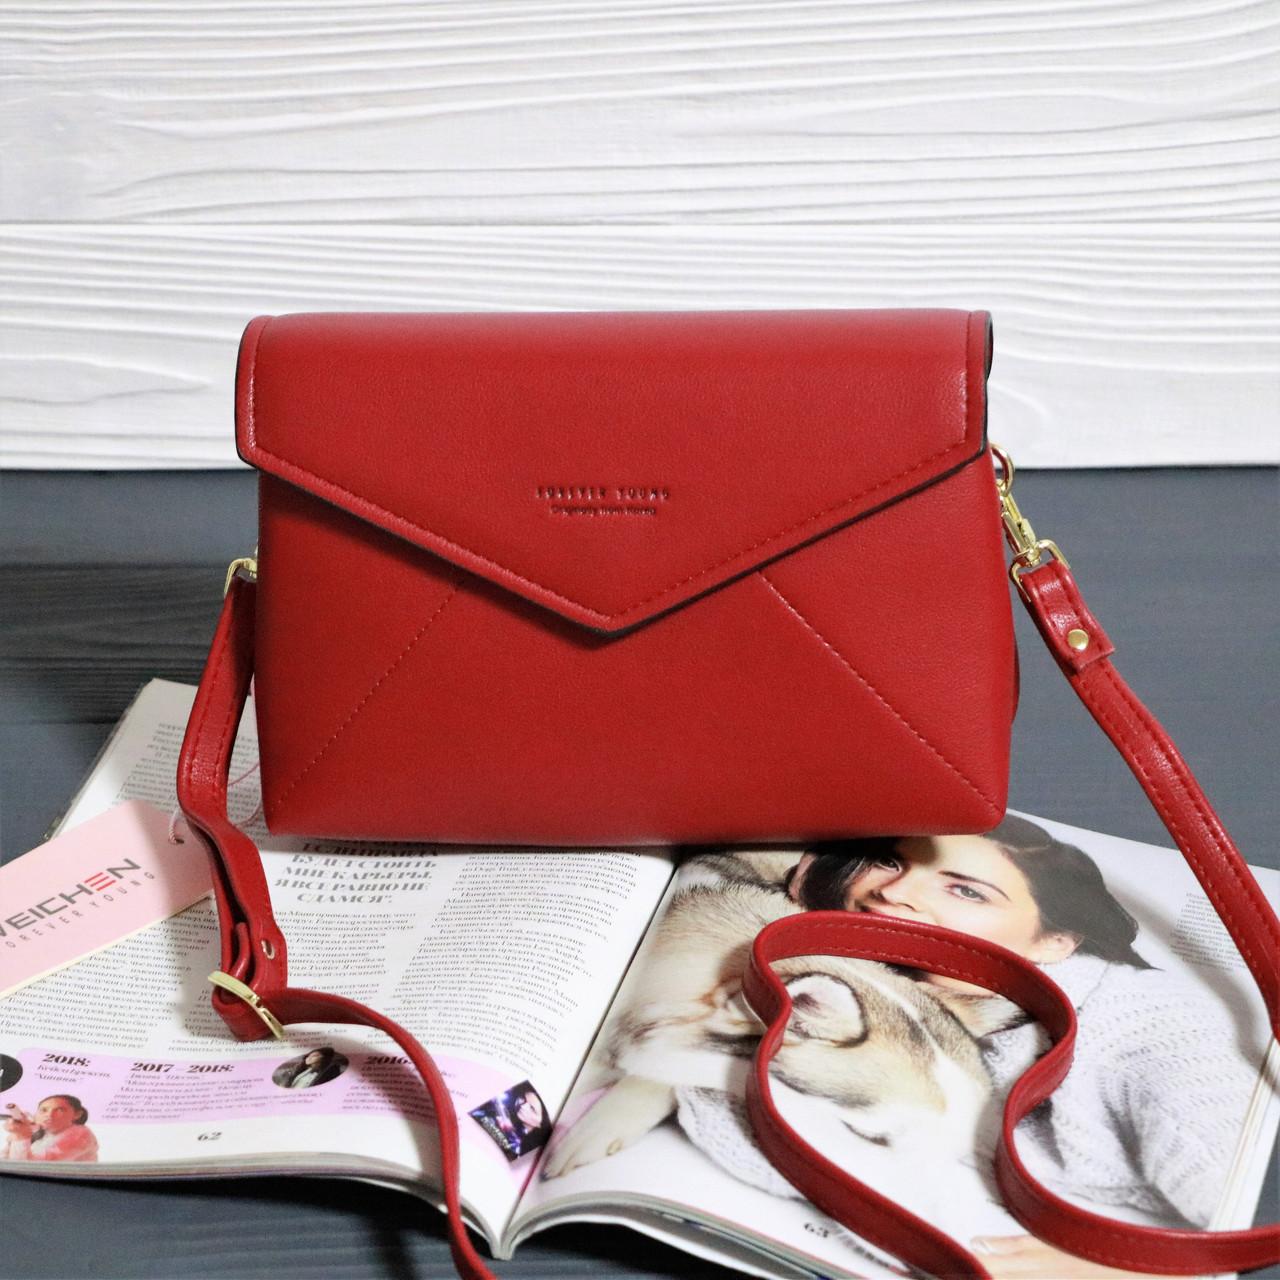 9a35e2cabc81 Женская сумка конверт Forever young Красная: продажа, цена в Обухове ...